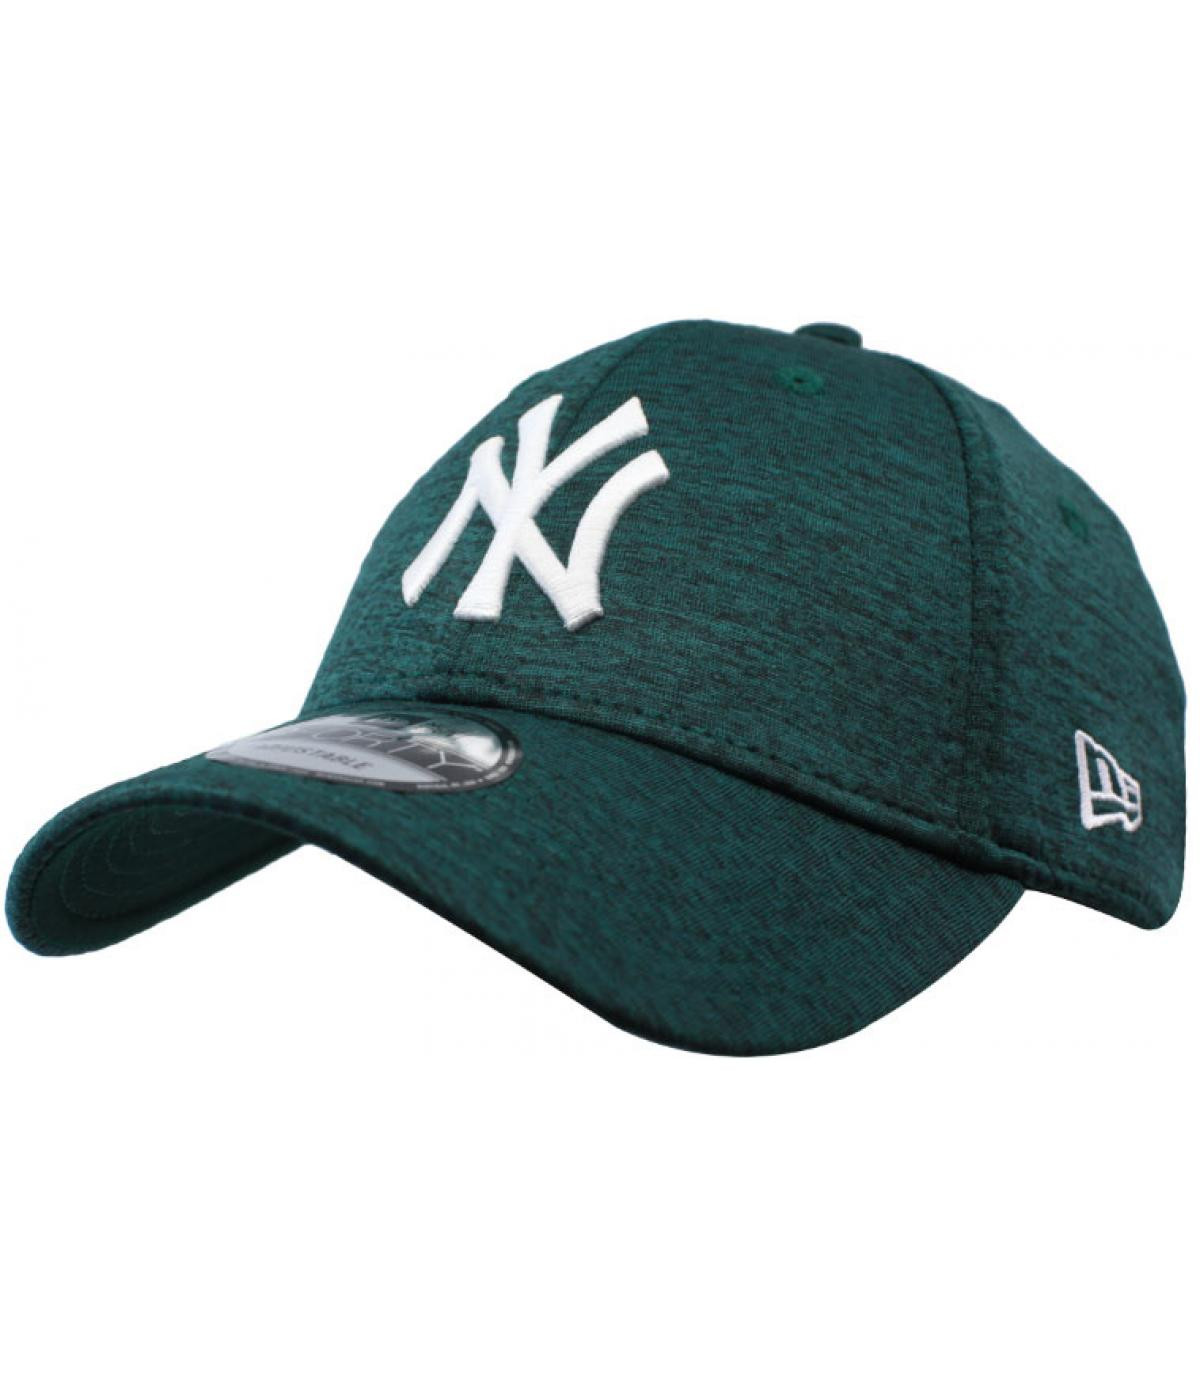 Interruttore a secco verde NY cap